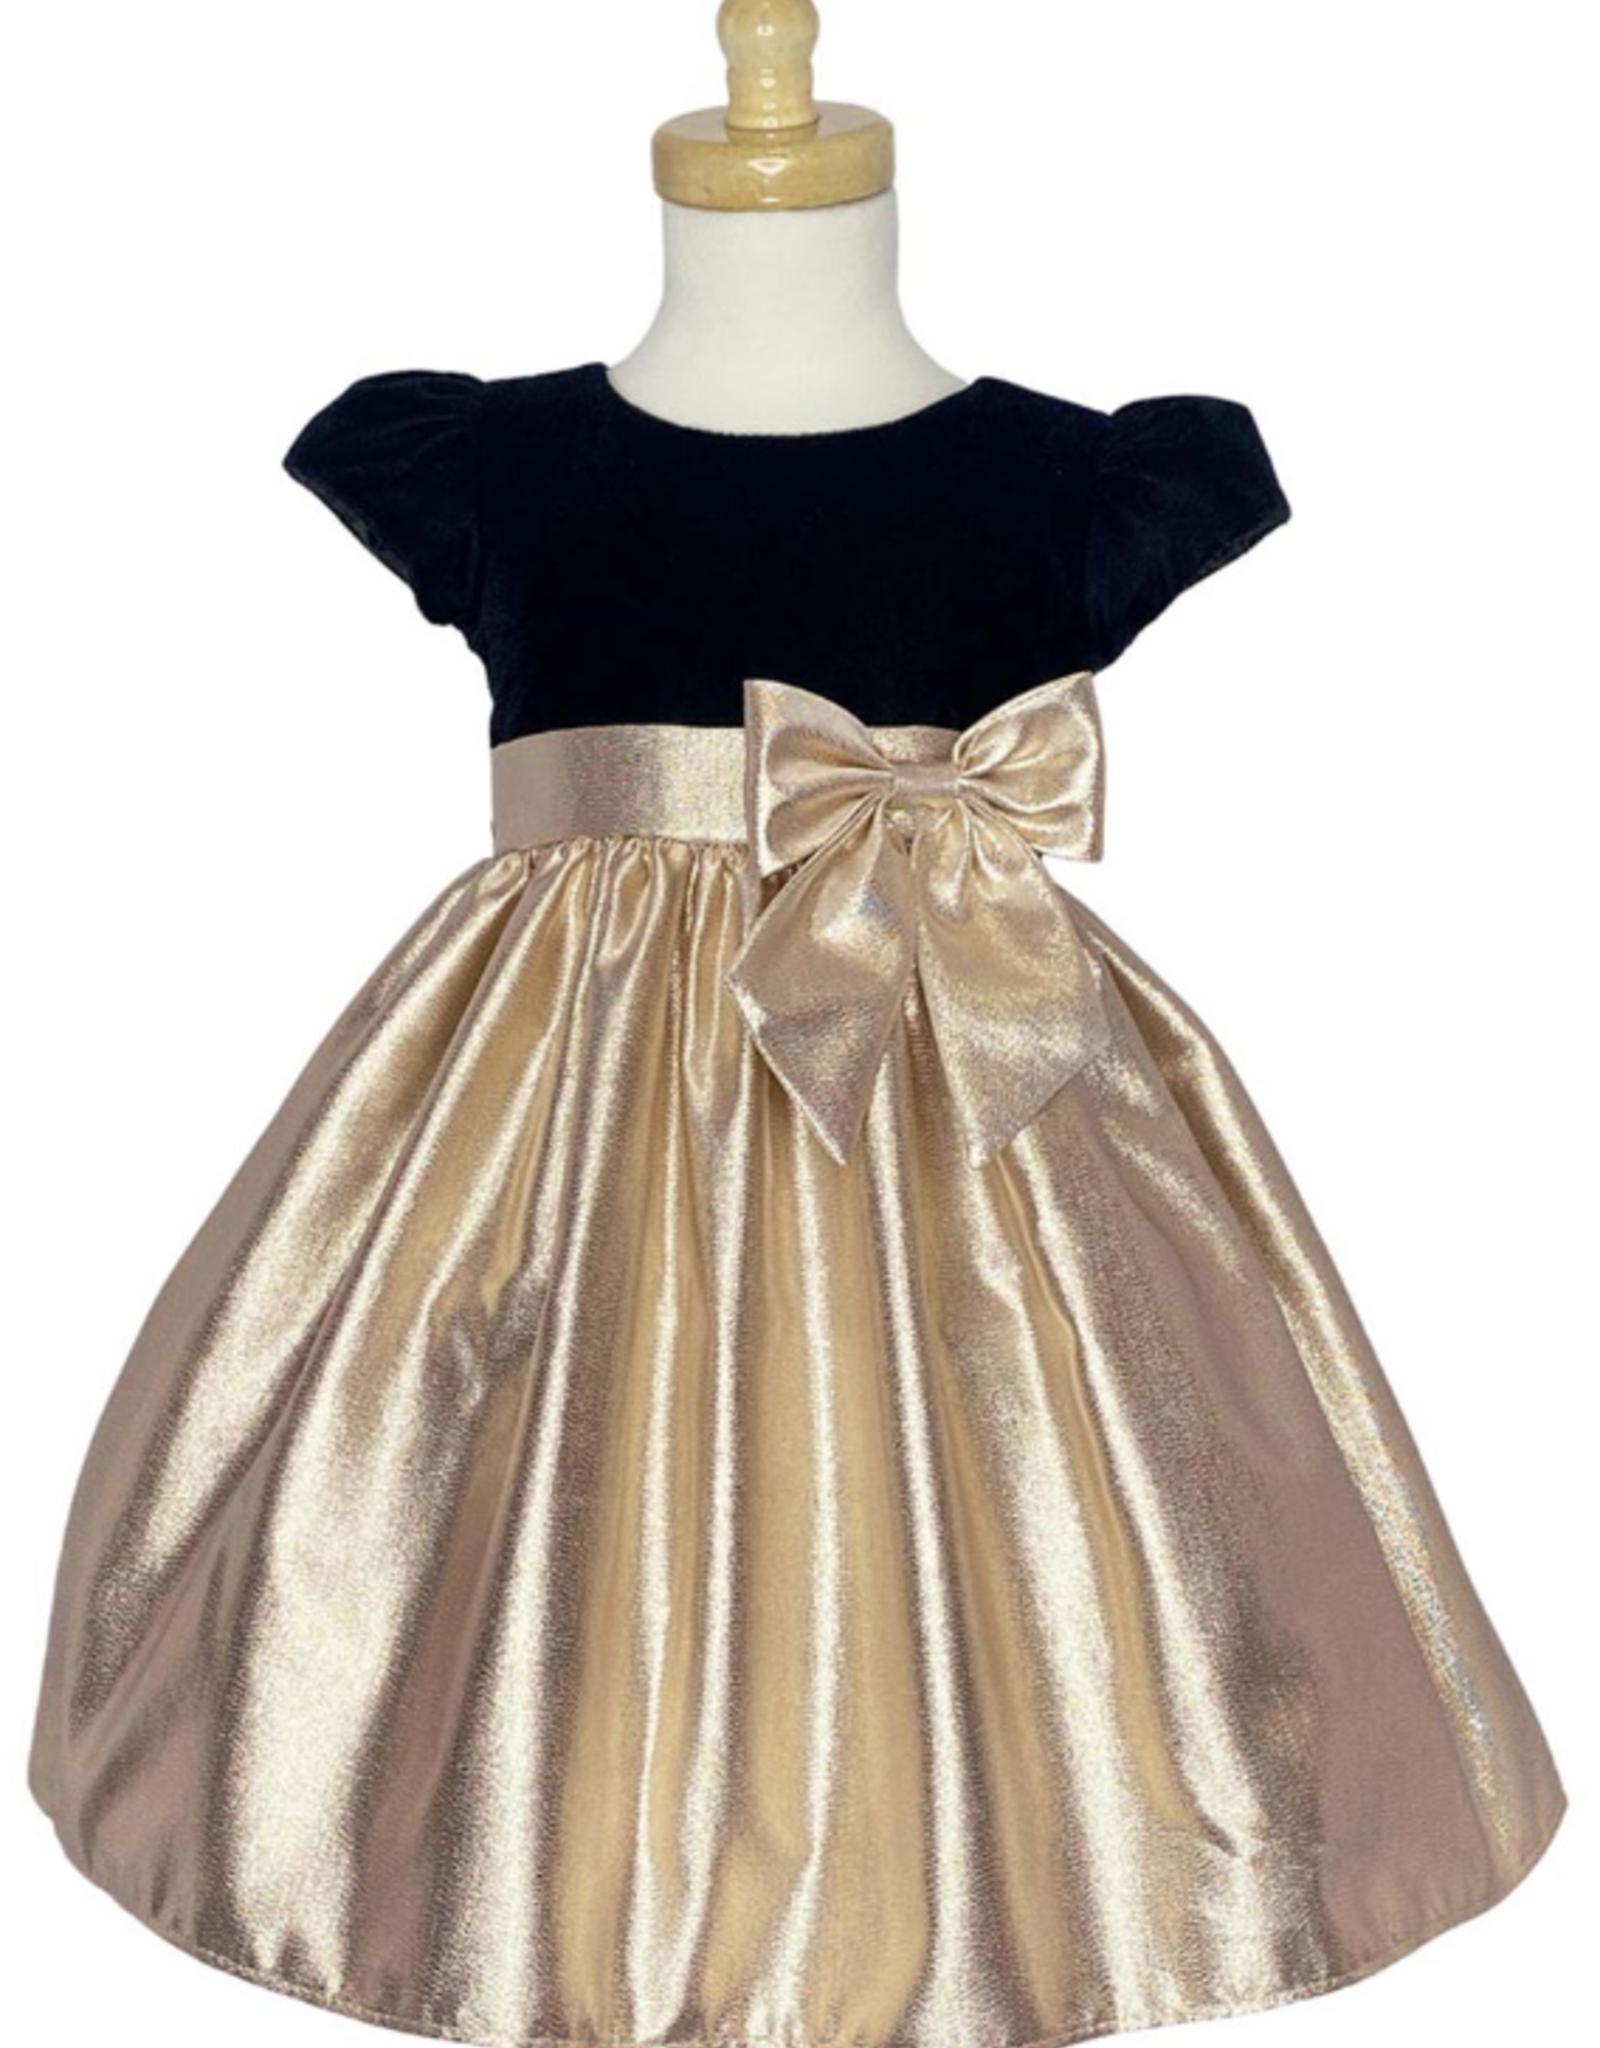 Gold Velvet & Metallic Dress